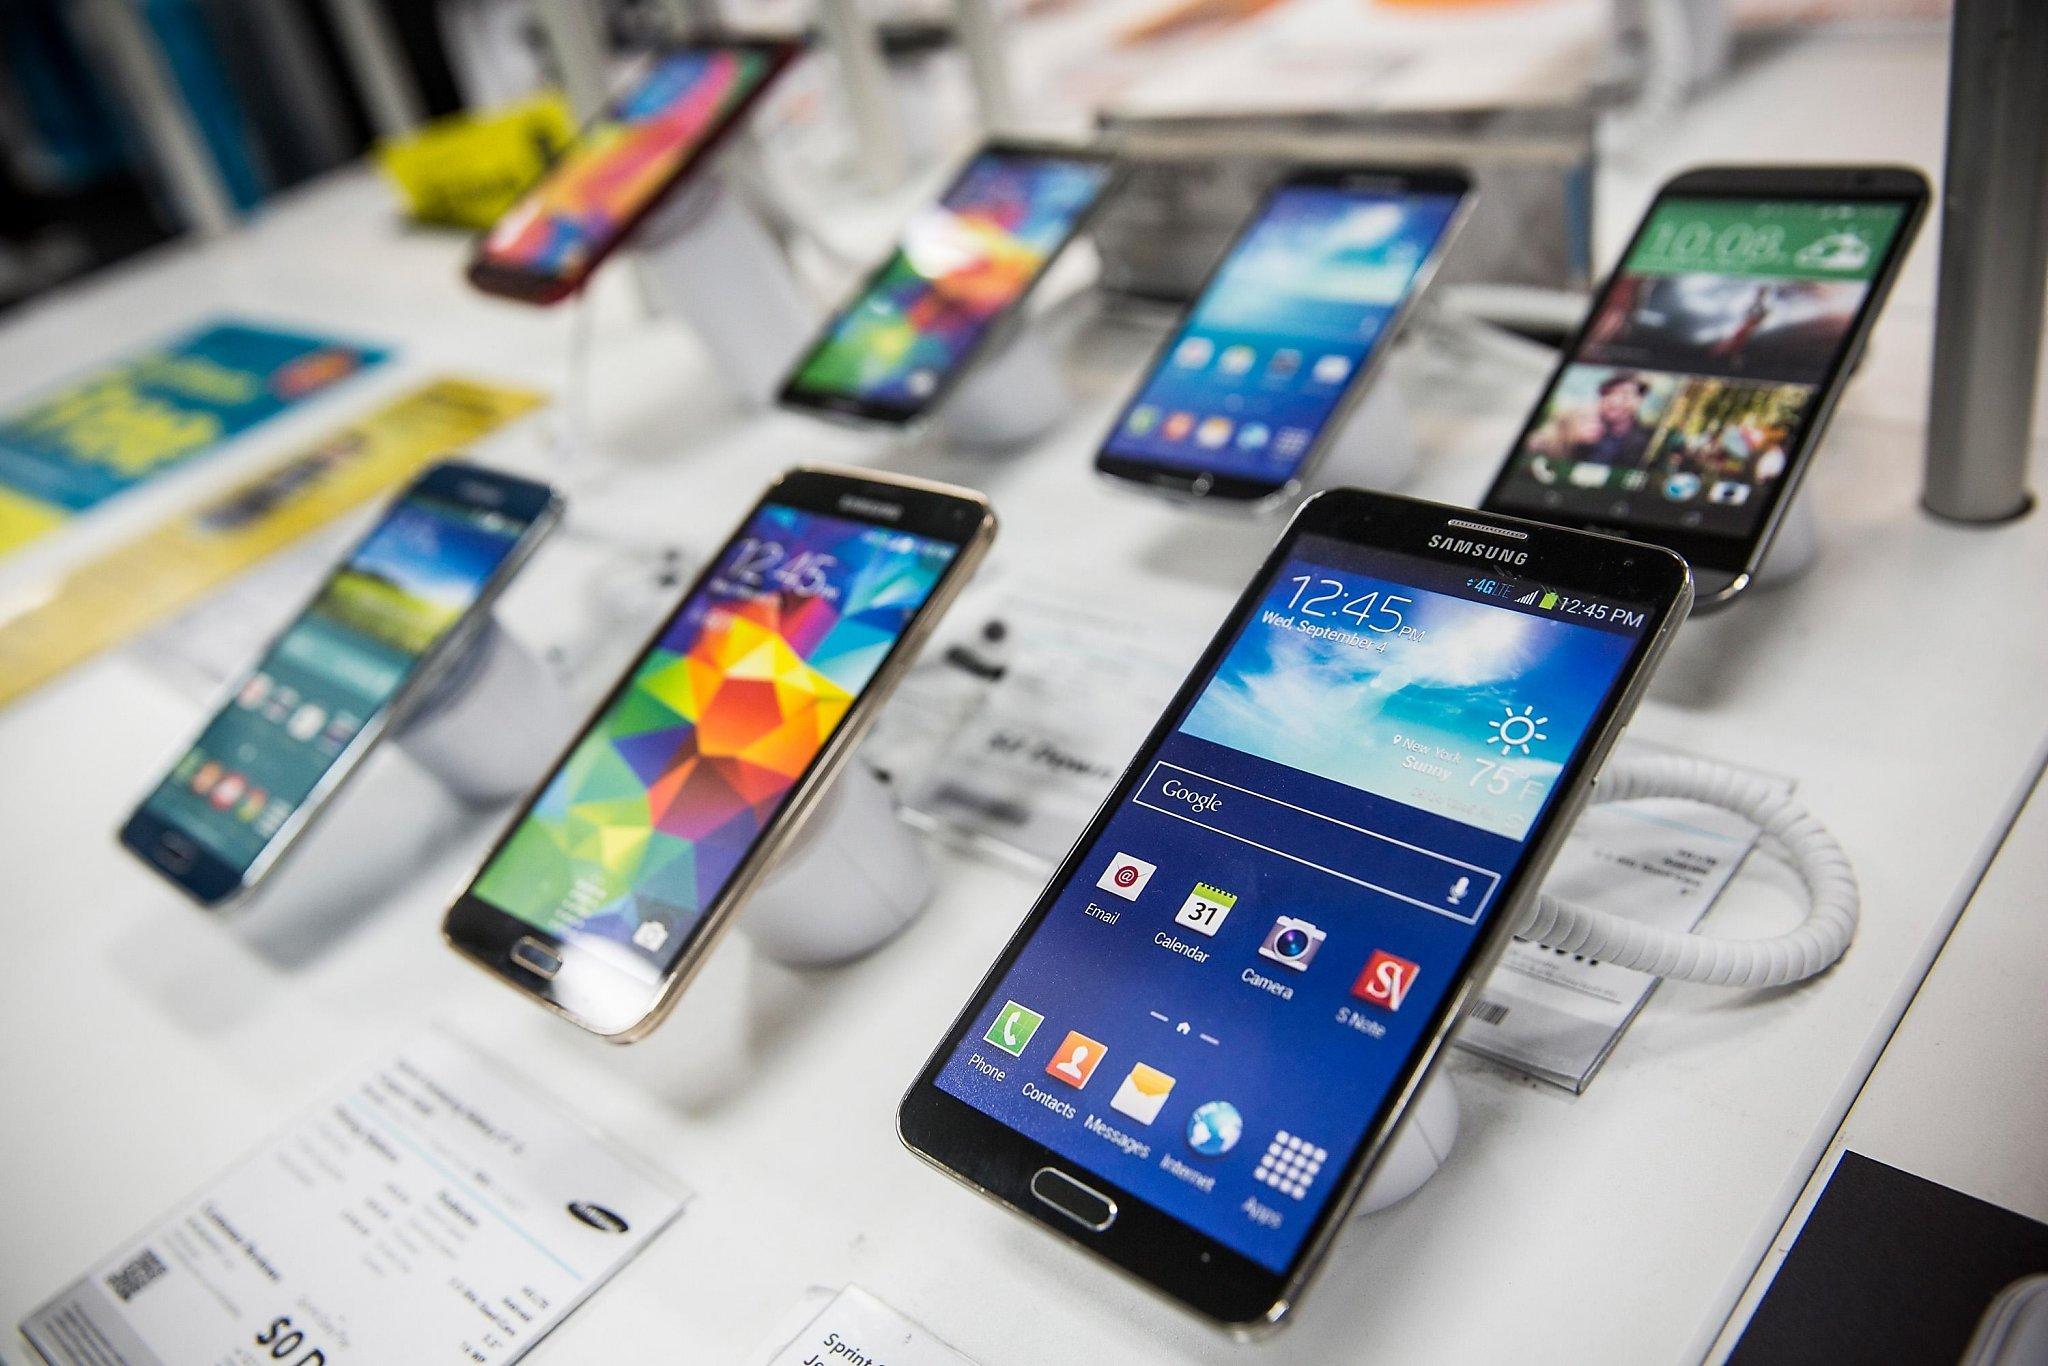 Специалисты пояснили снижение продаж телефонов